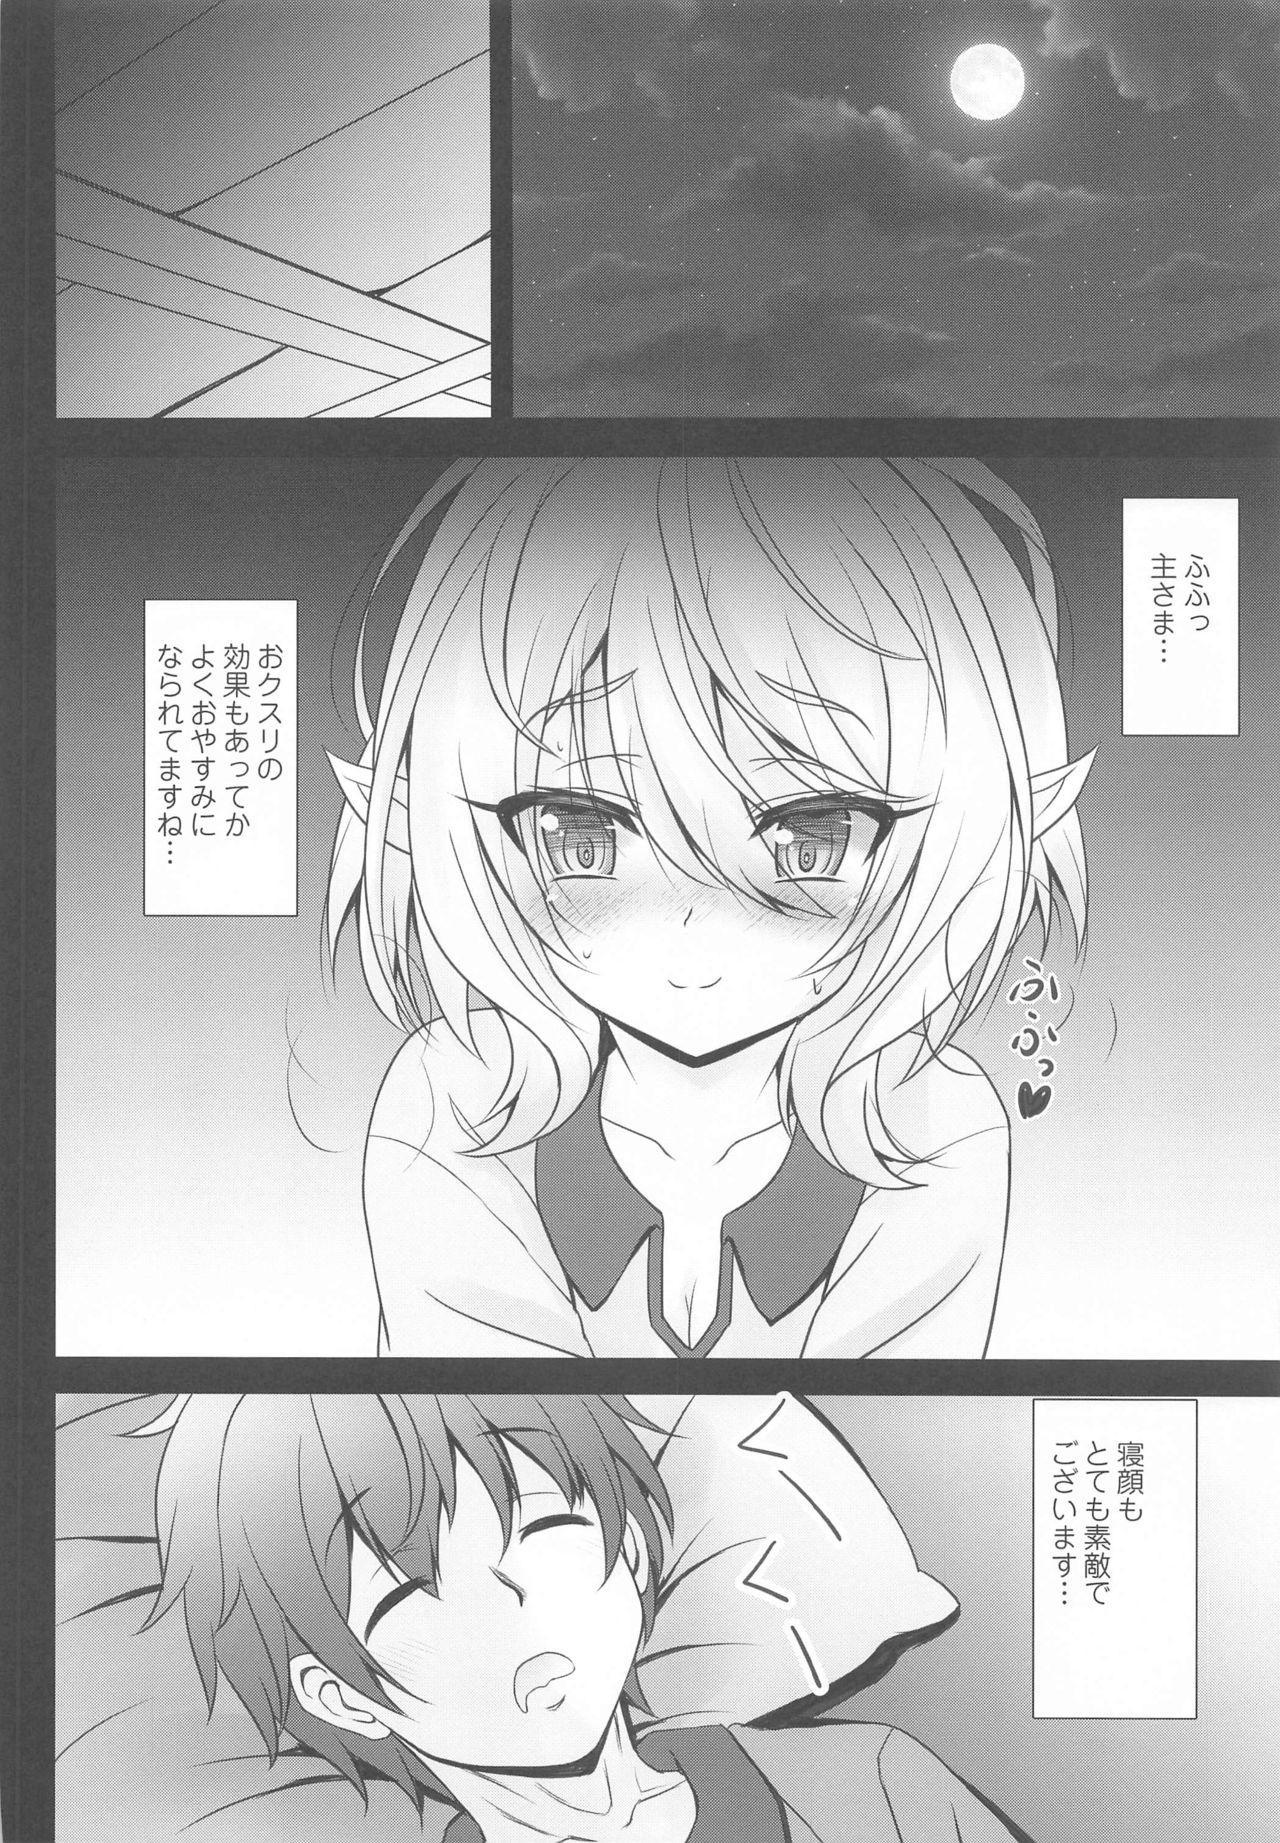 Aruji-sama Kokkoro to Okusuri Ecchi Shimashou 4